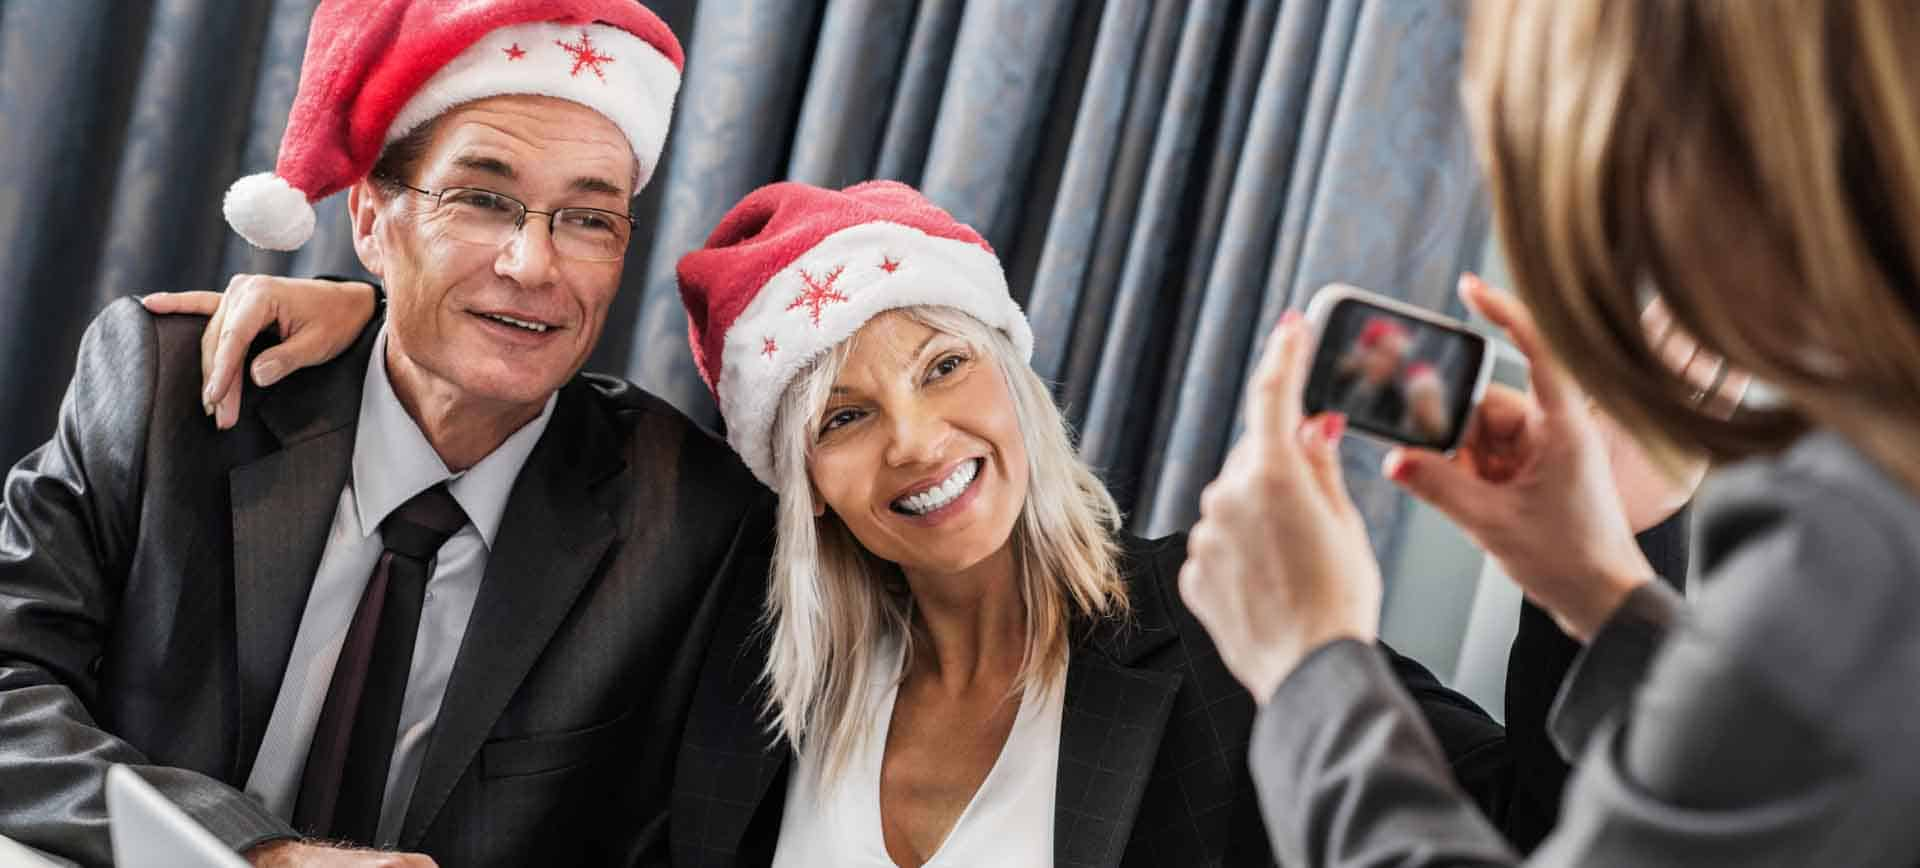 Vorsicht Fettnäpfchen! – Party-Knigge für die Weihnachtsfeier